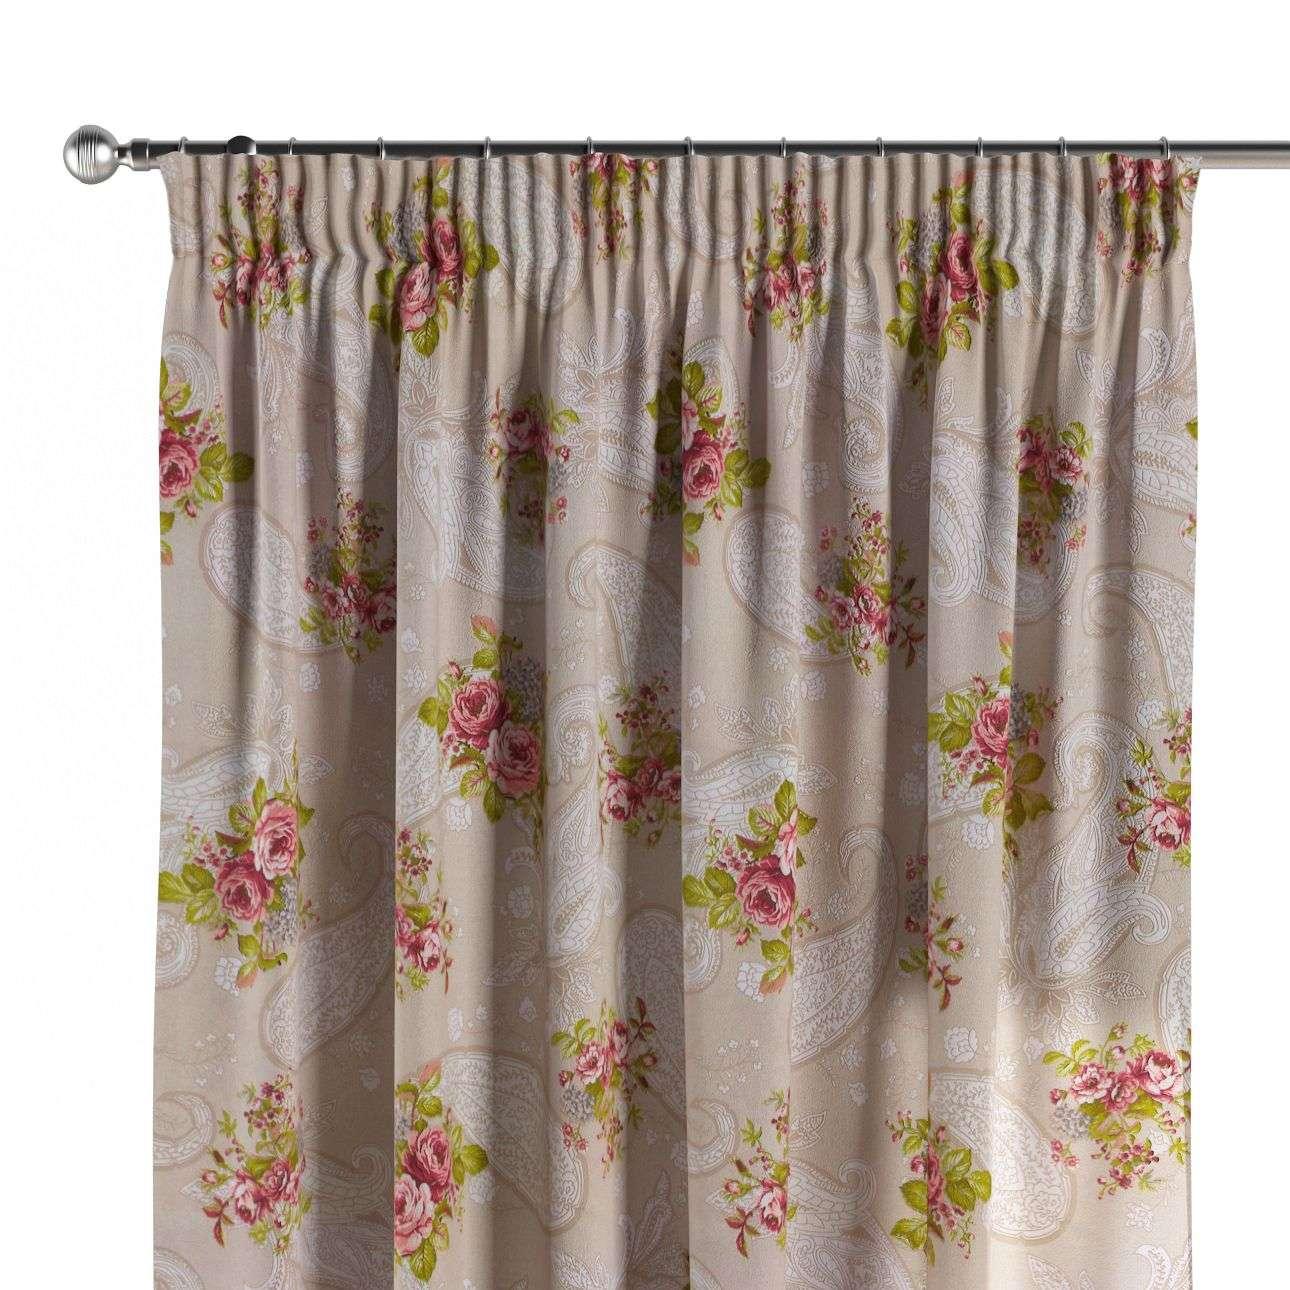 Vorhang mit Kräuselband 130 x 260 cm von der Kollektion Flowers, Stoff: 311-15